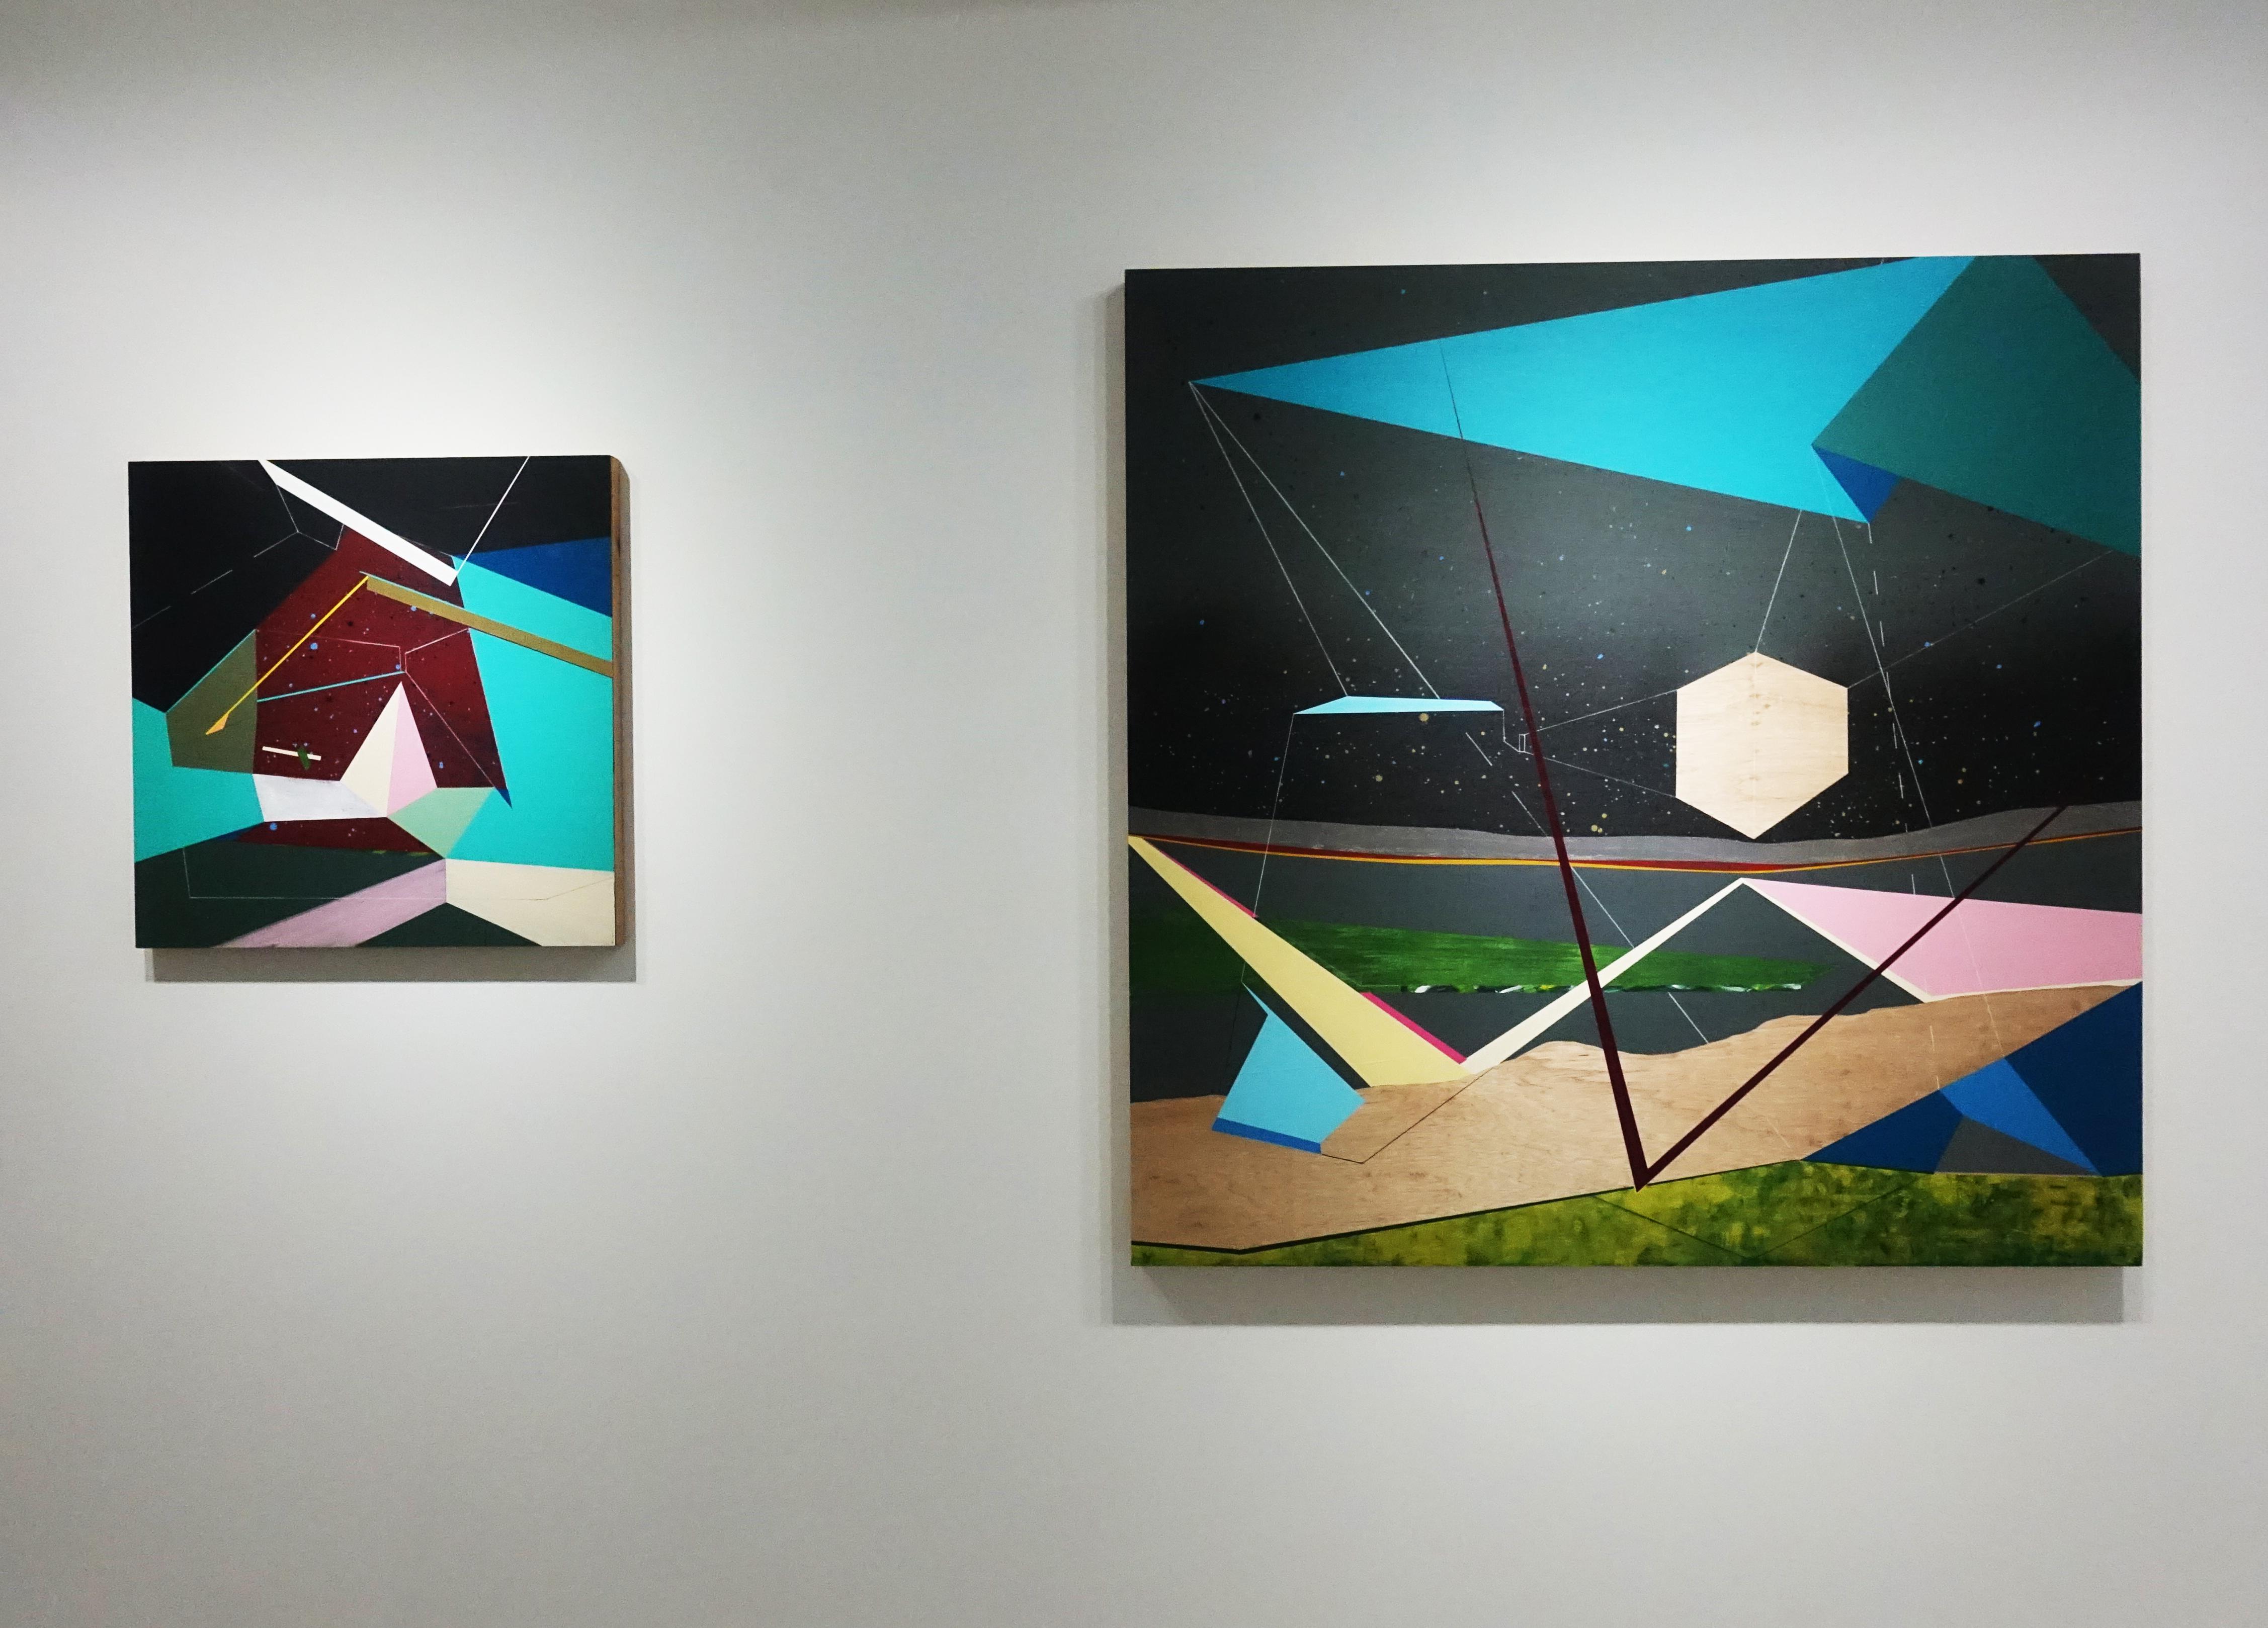 G.Gallery展出藝術家張獻文《移植∞繁殖計畫》系列作品。